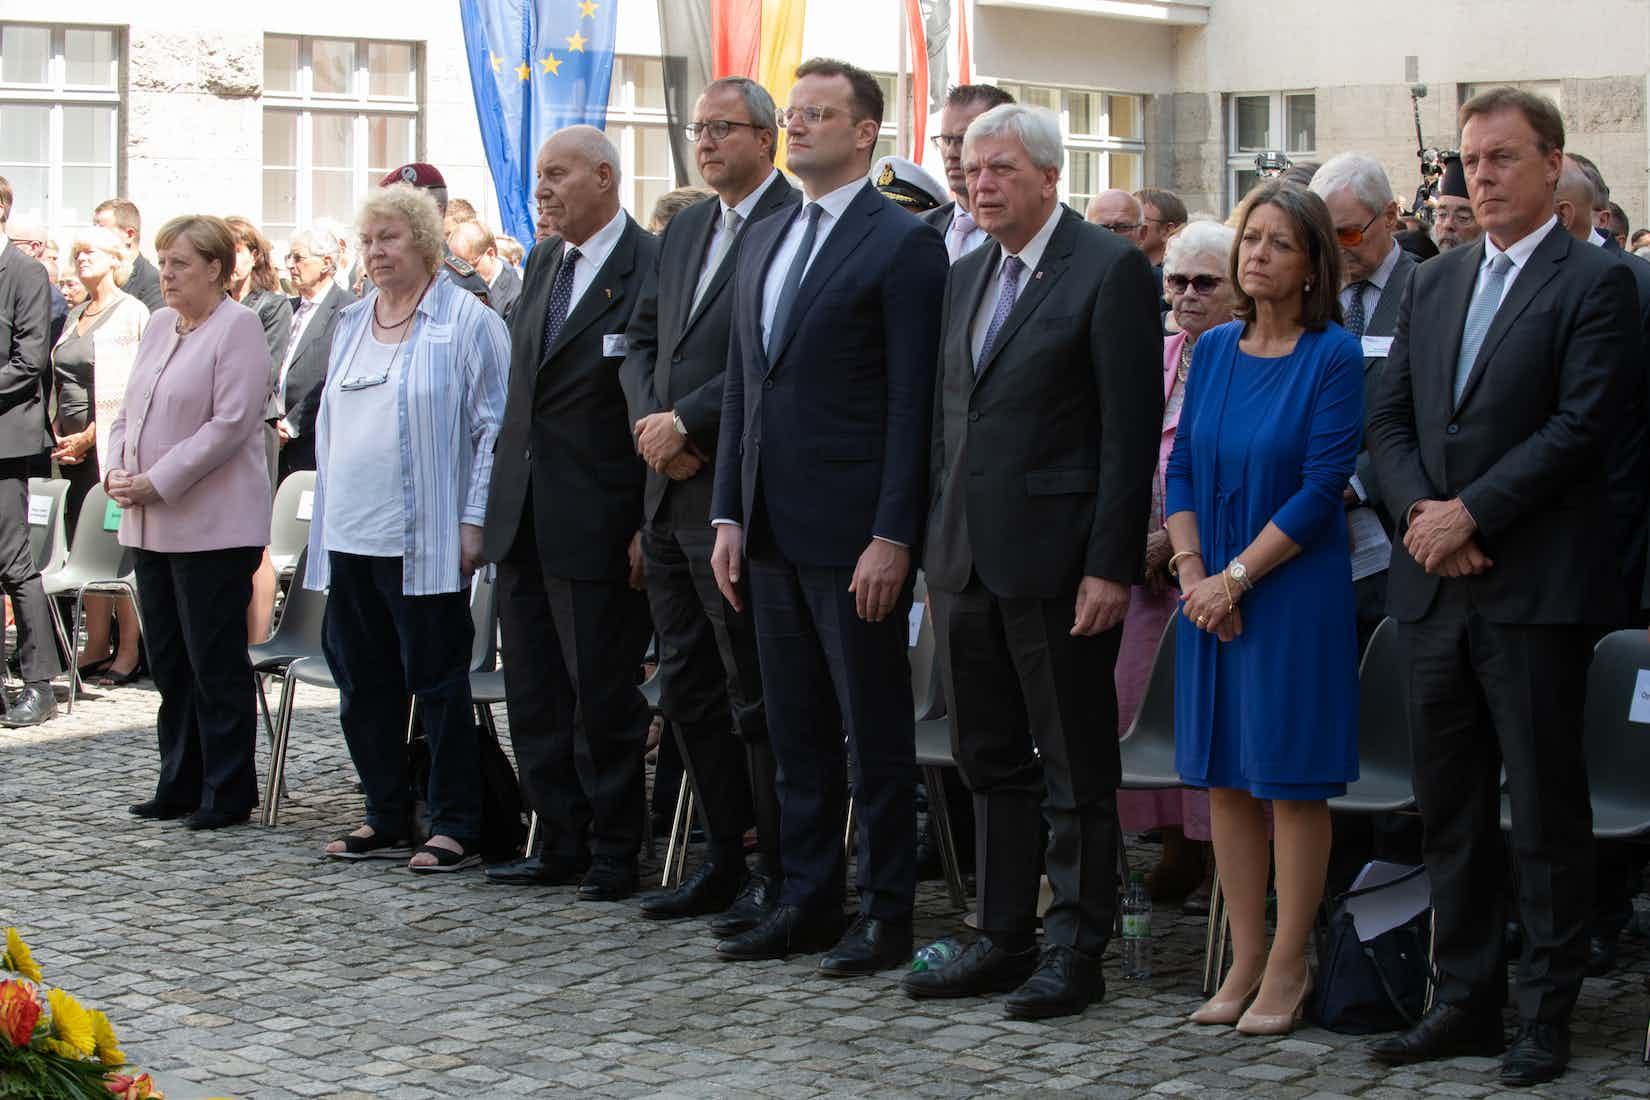 Gedenkfeier im Ehrenhof des Bendlerblocks / 75. Jahrestag / 20. Juli 2019